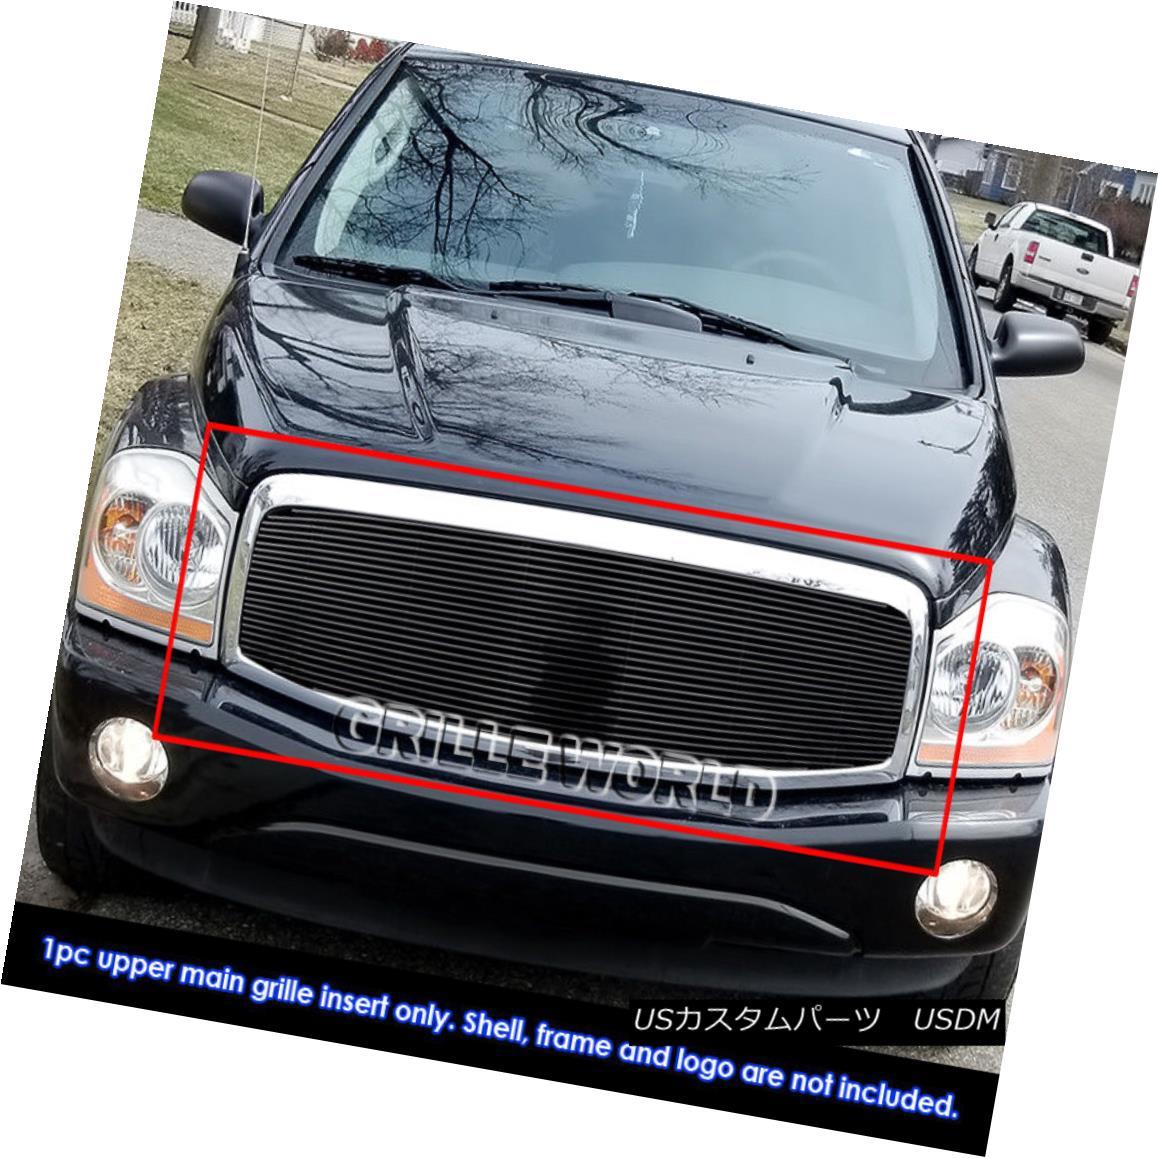 グリル Fits 2004-2006 Dodge Durango Black Billet Grille Grill Insert 2004-2006 Dodge Durango Black Billetグリルグリルインサートに適合